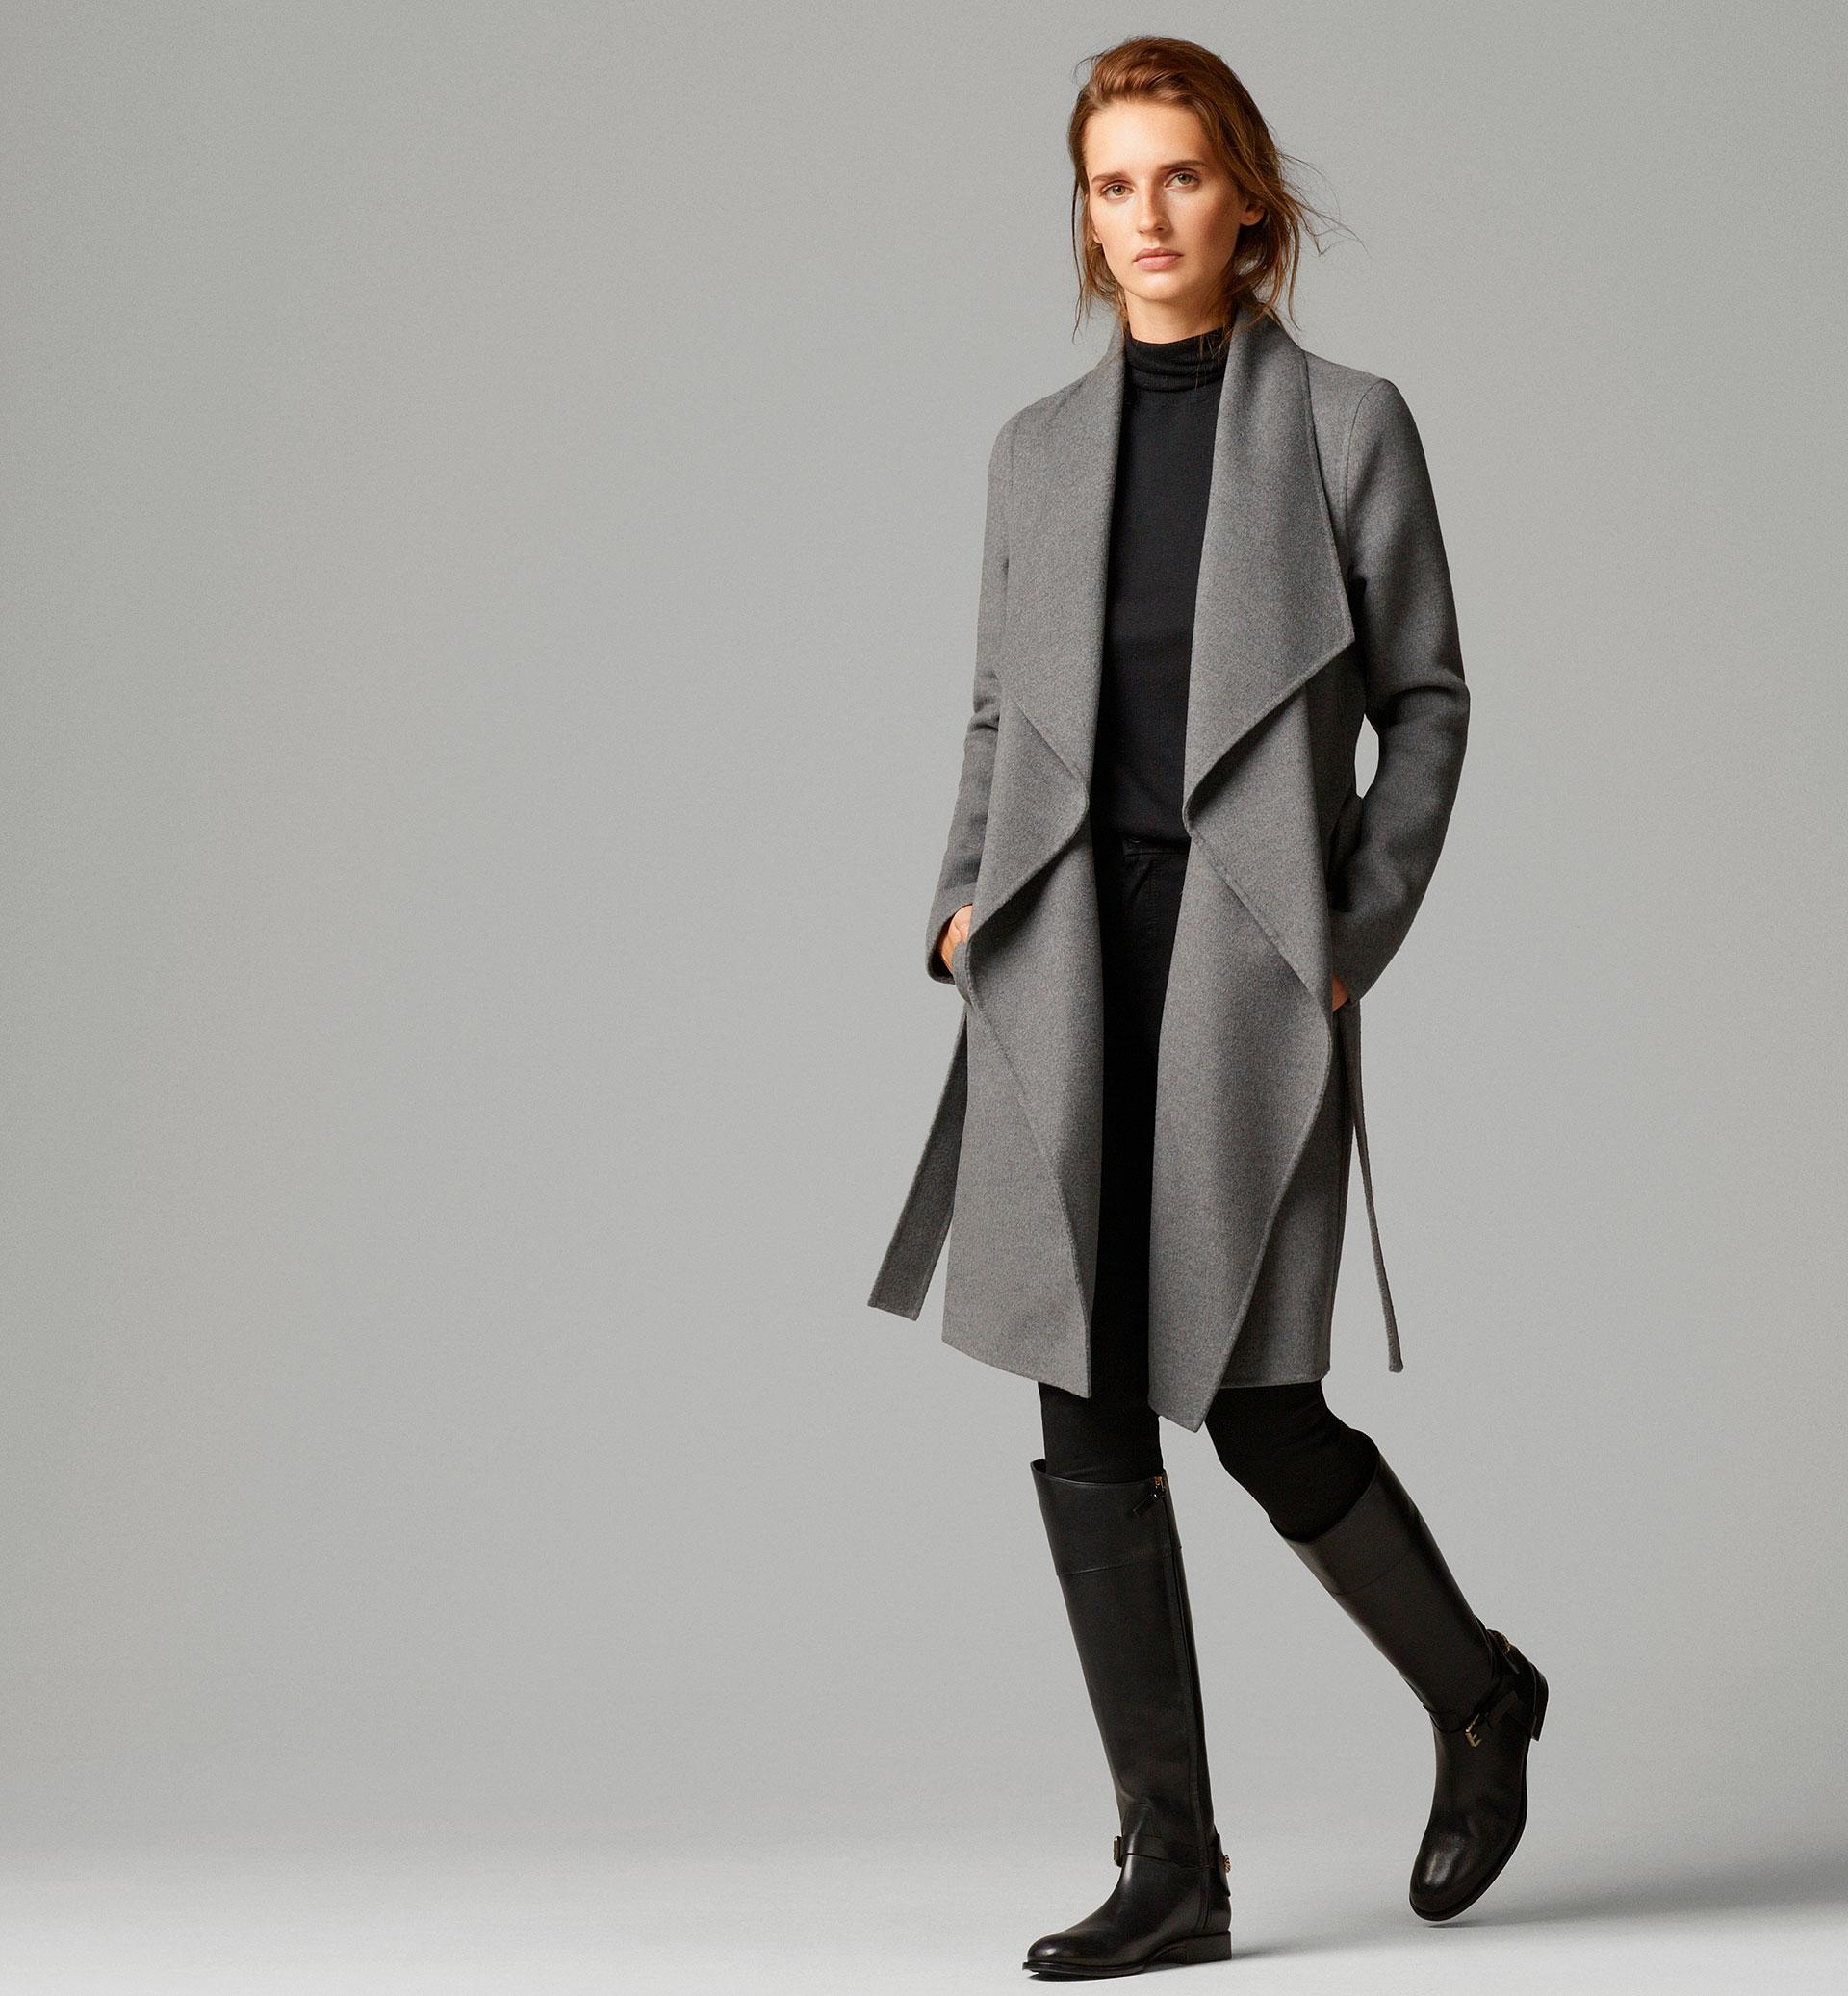 a59109028e5 abrigos plumas mujer massimo dutti